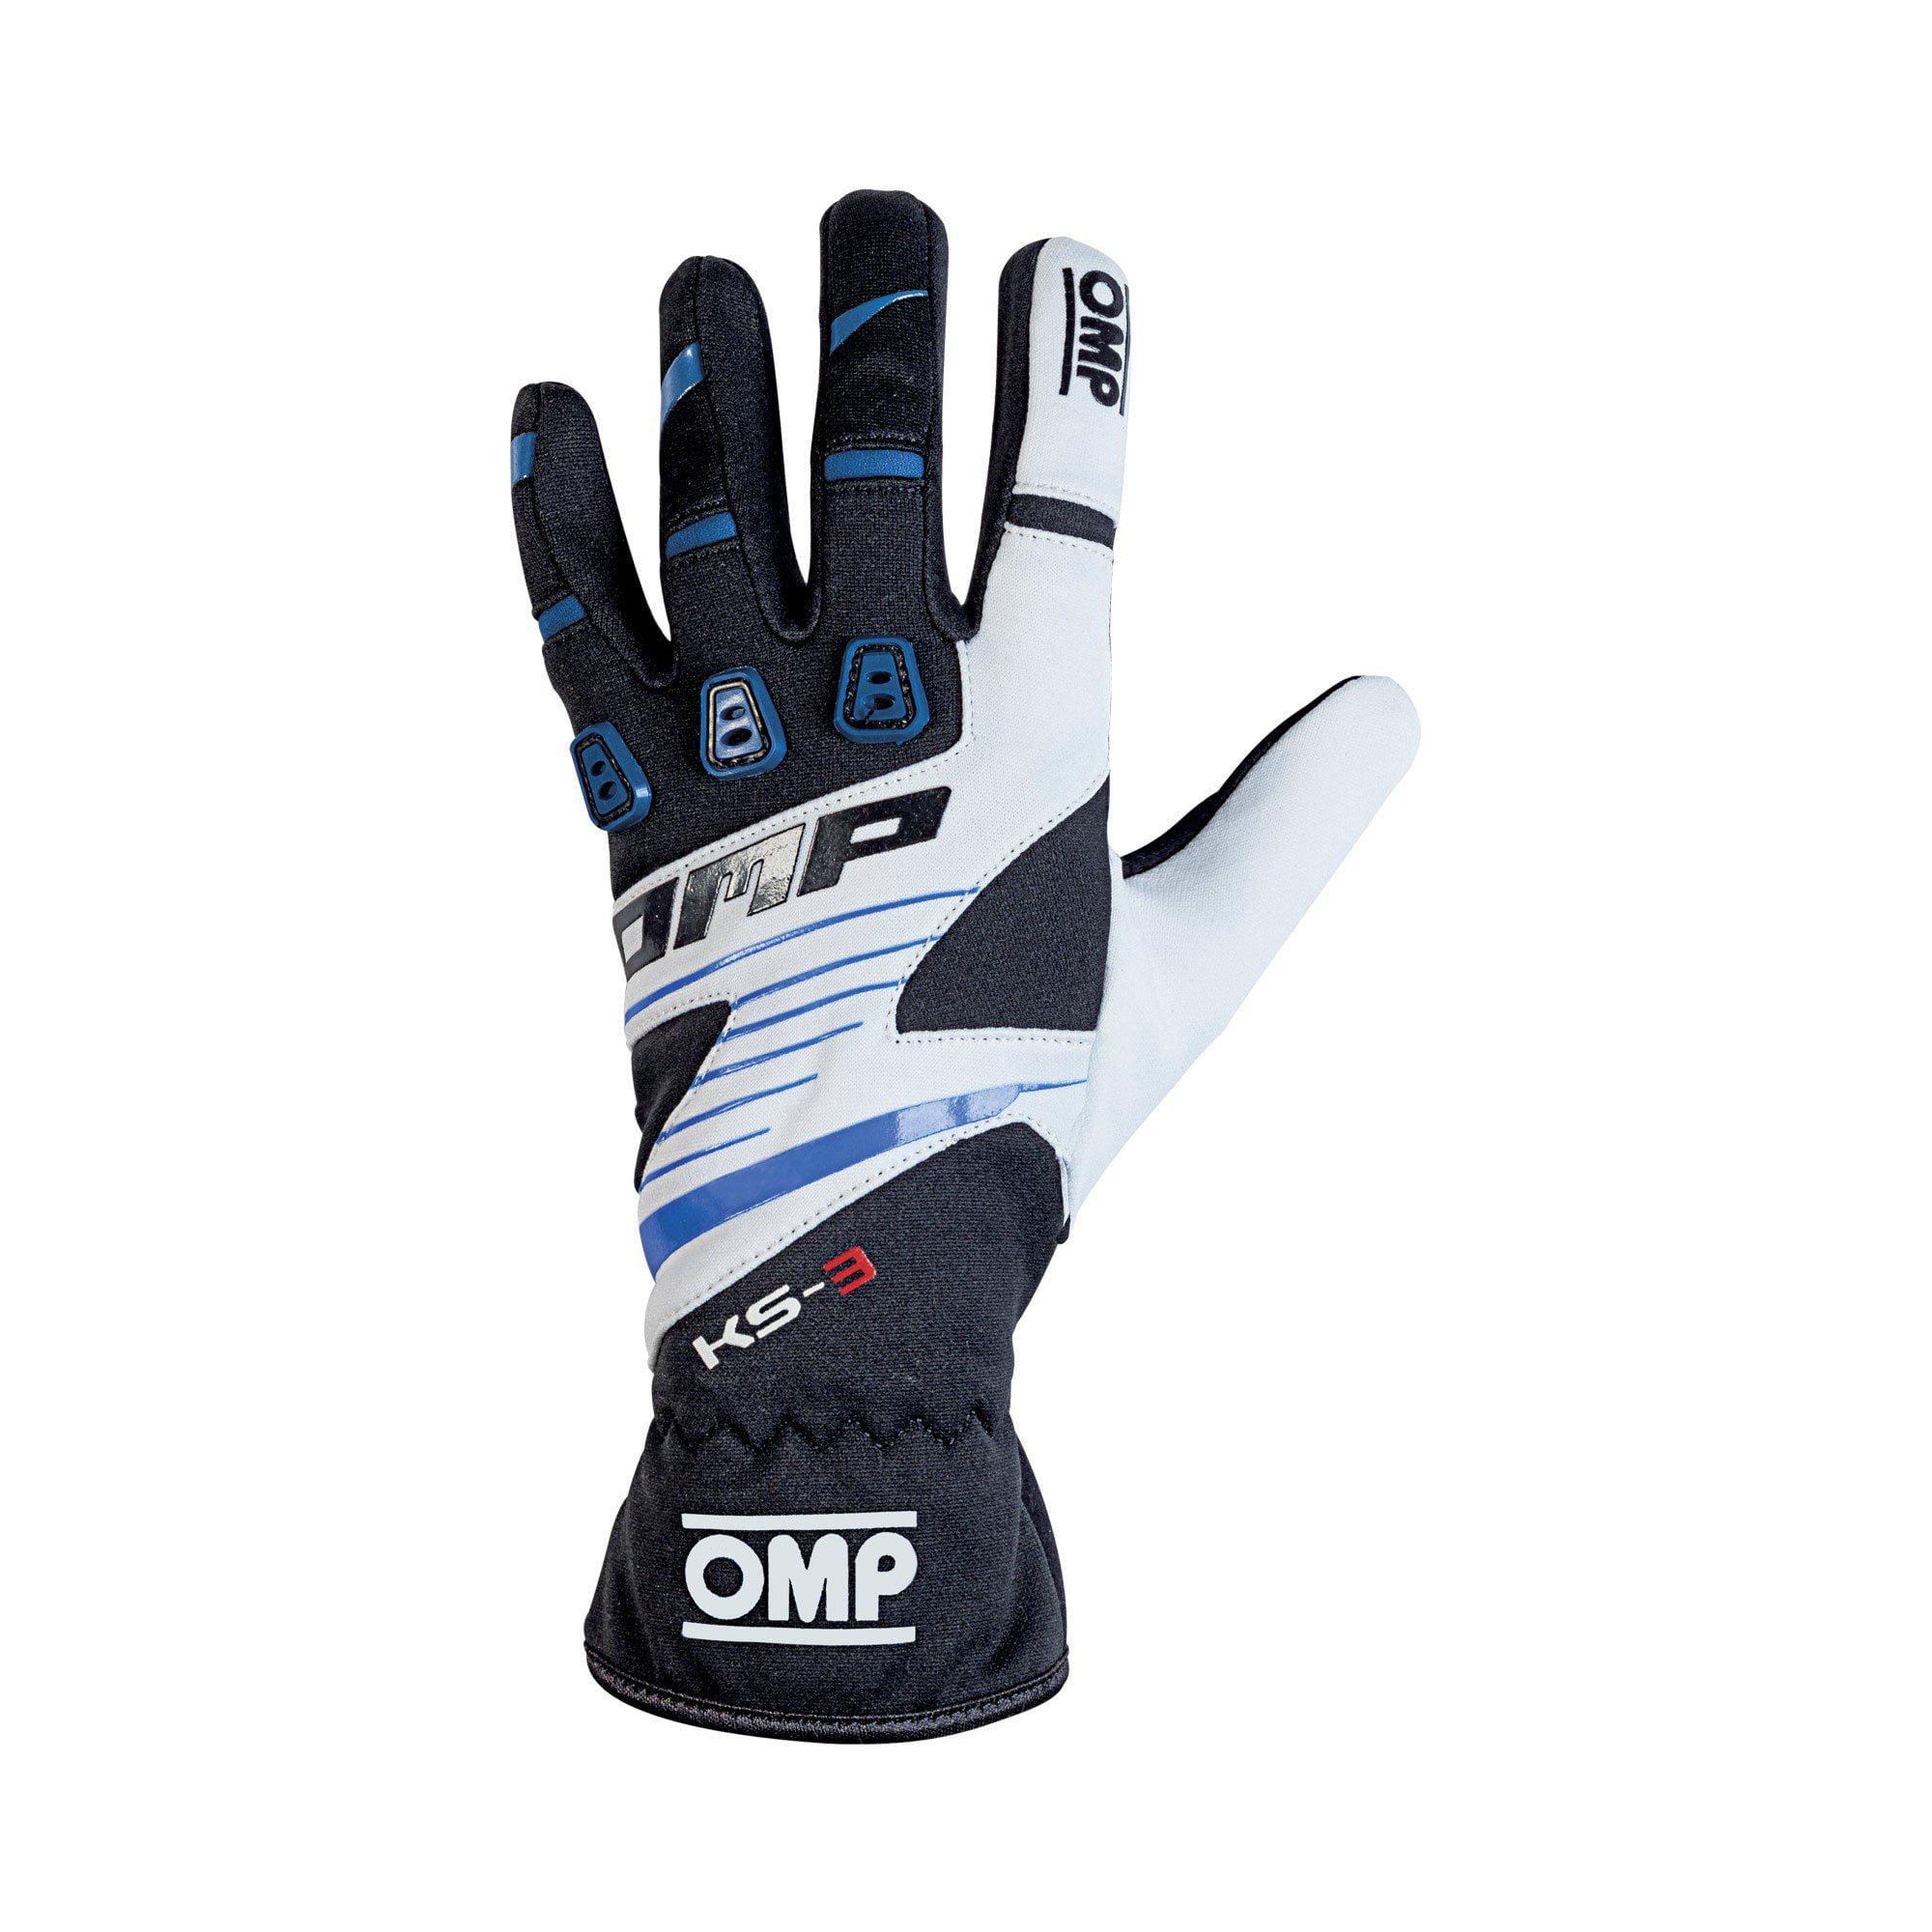 OMP 2019 KS-3 Kart Gloves blue